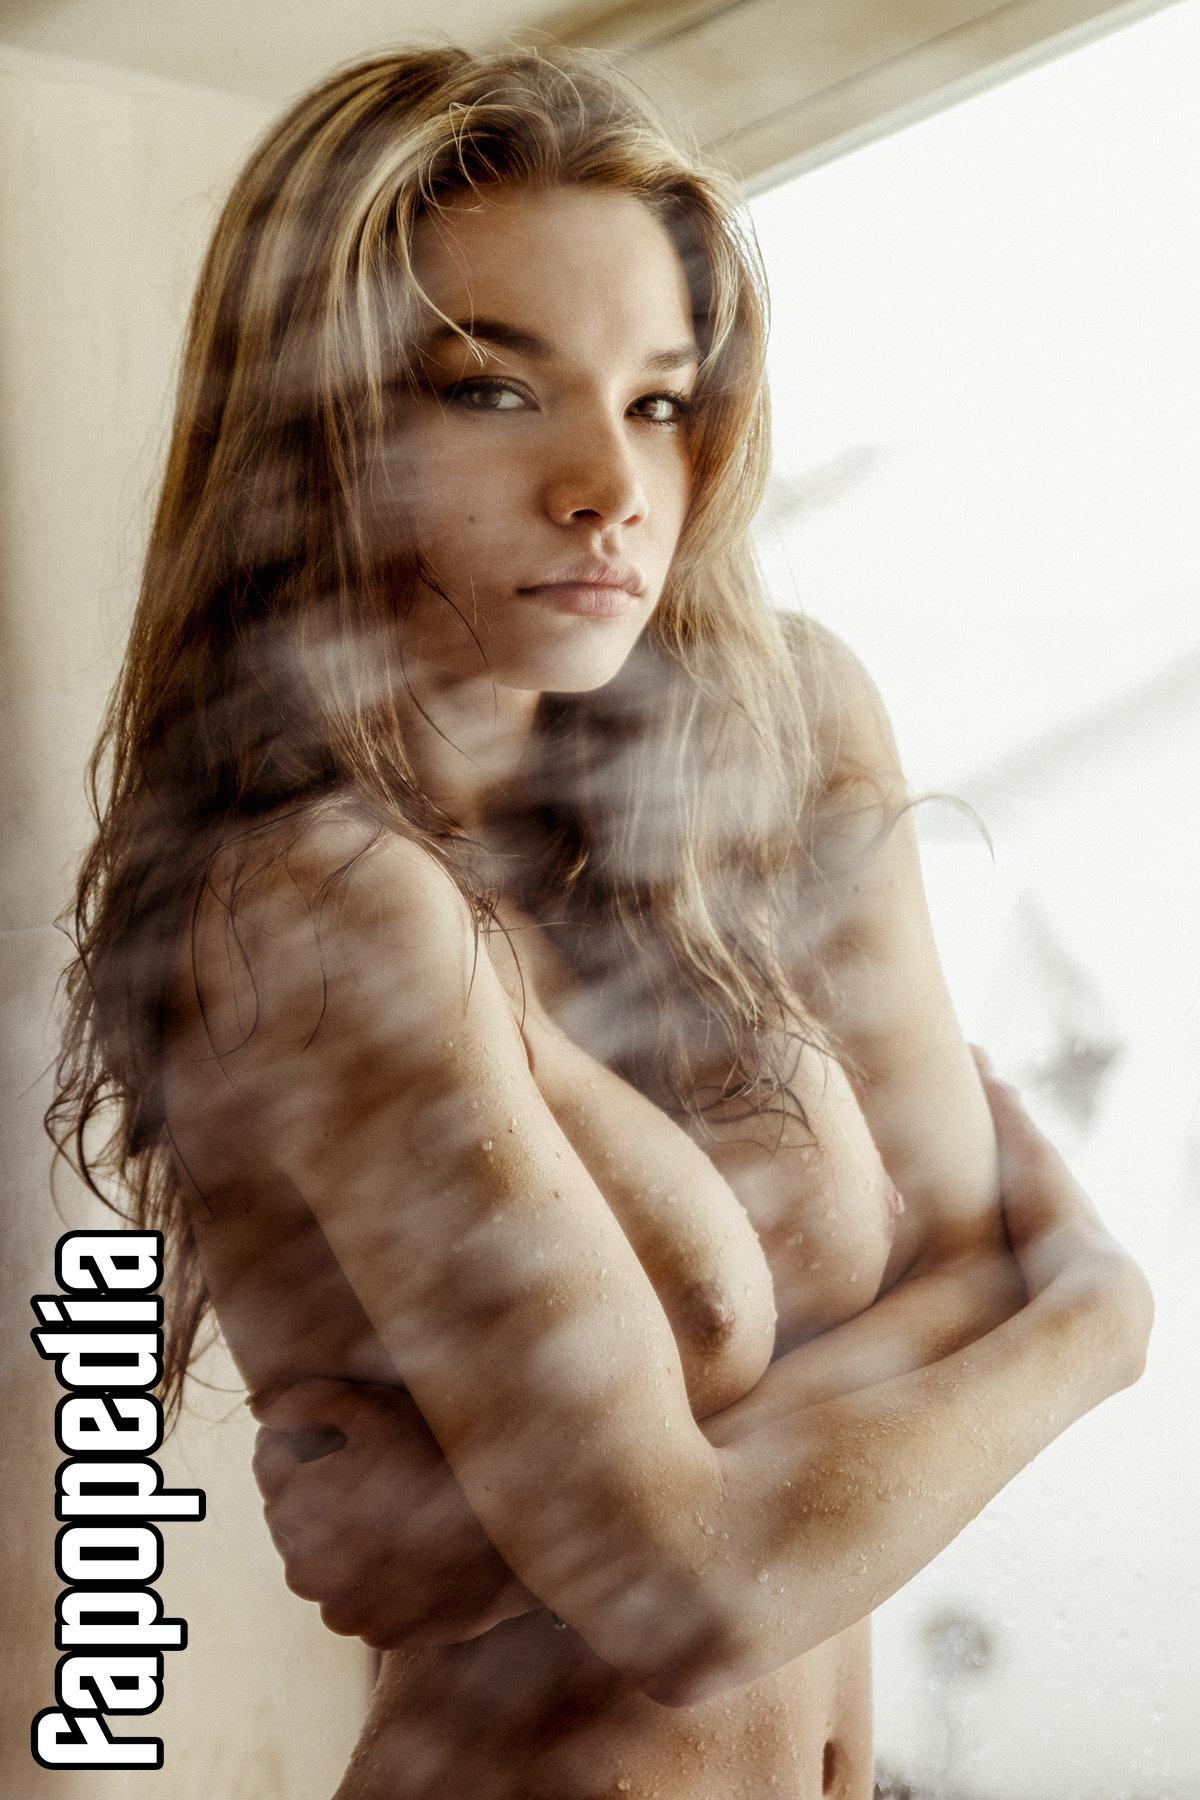 Nici Roxx Nude Leaks